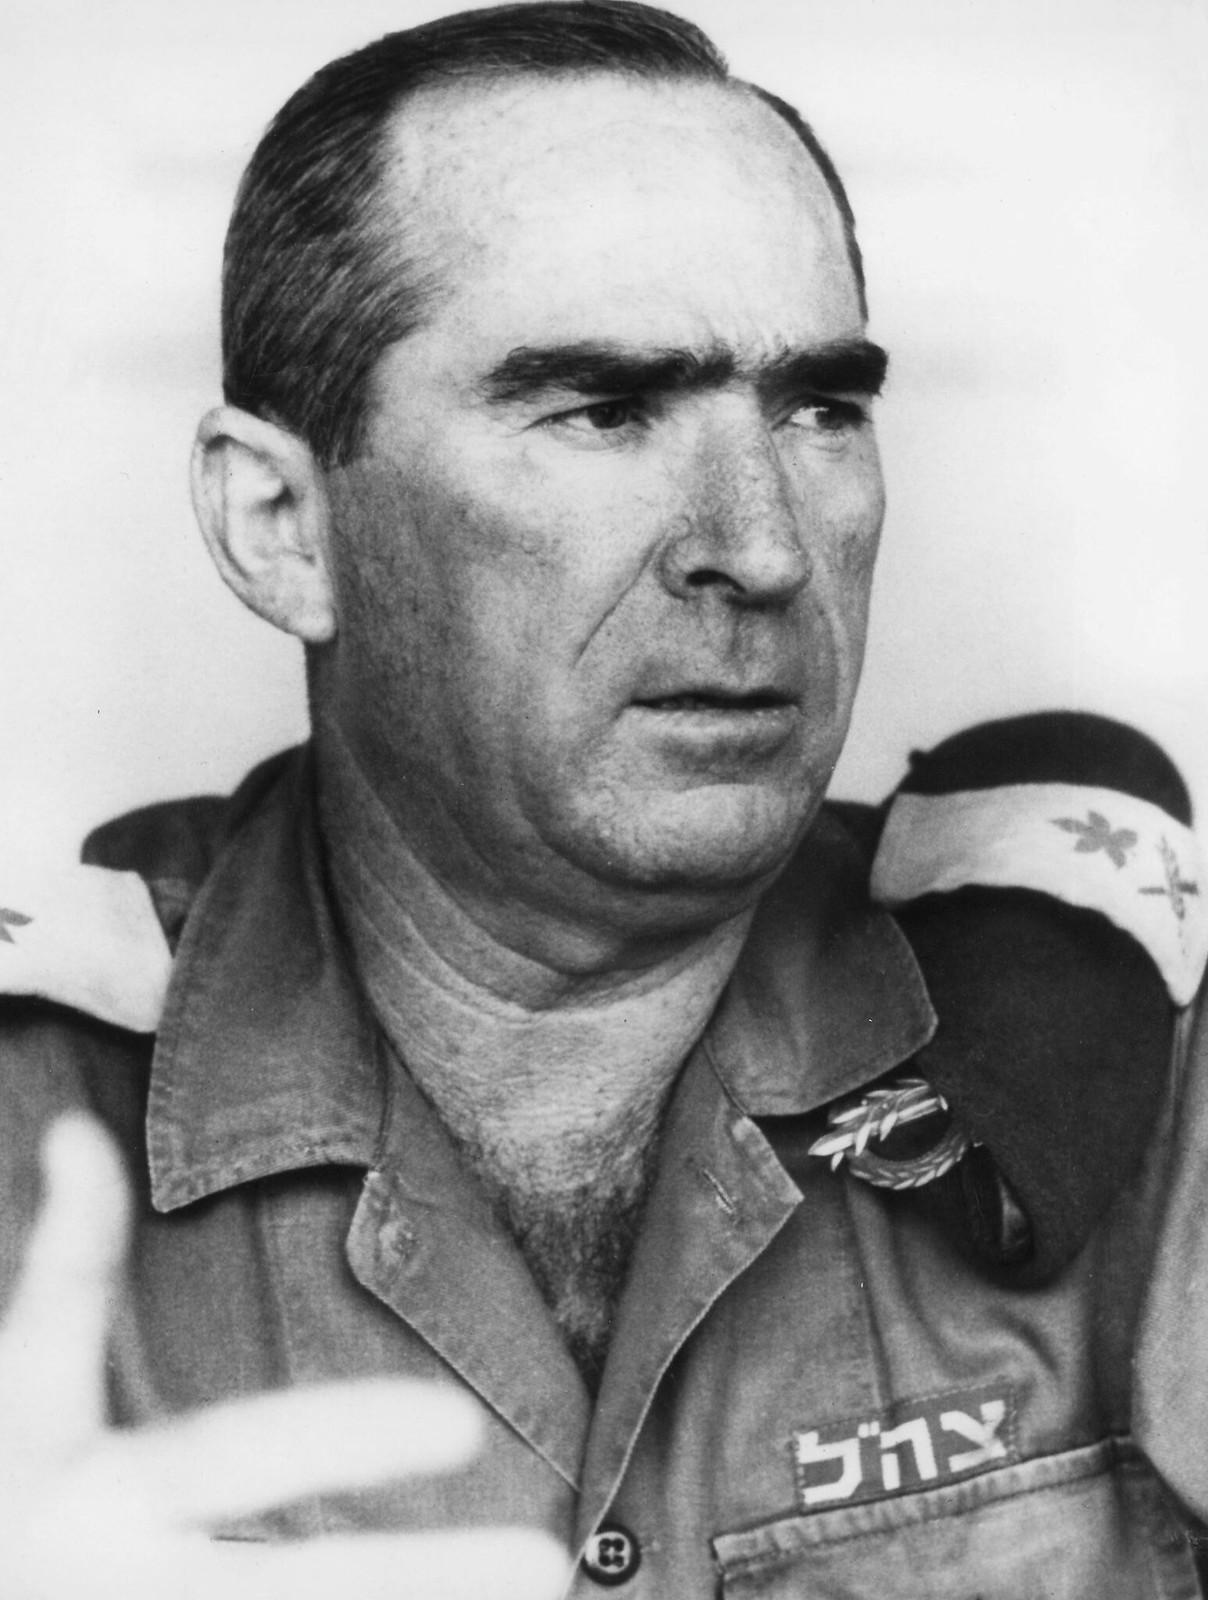 1978. Портрет израильского политика генерала Рафаэля Эйтана, 30 января